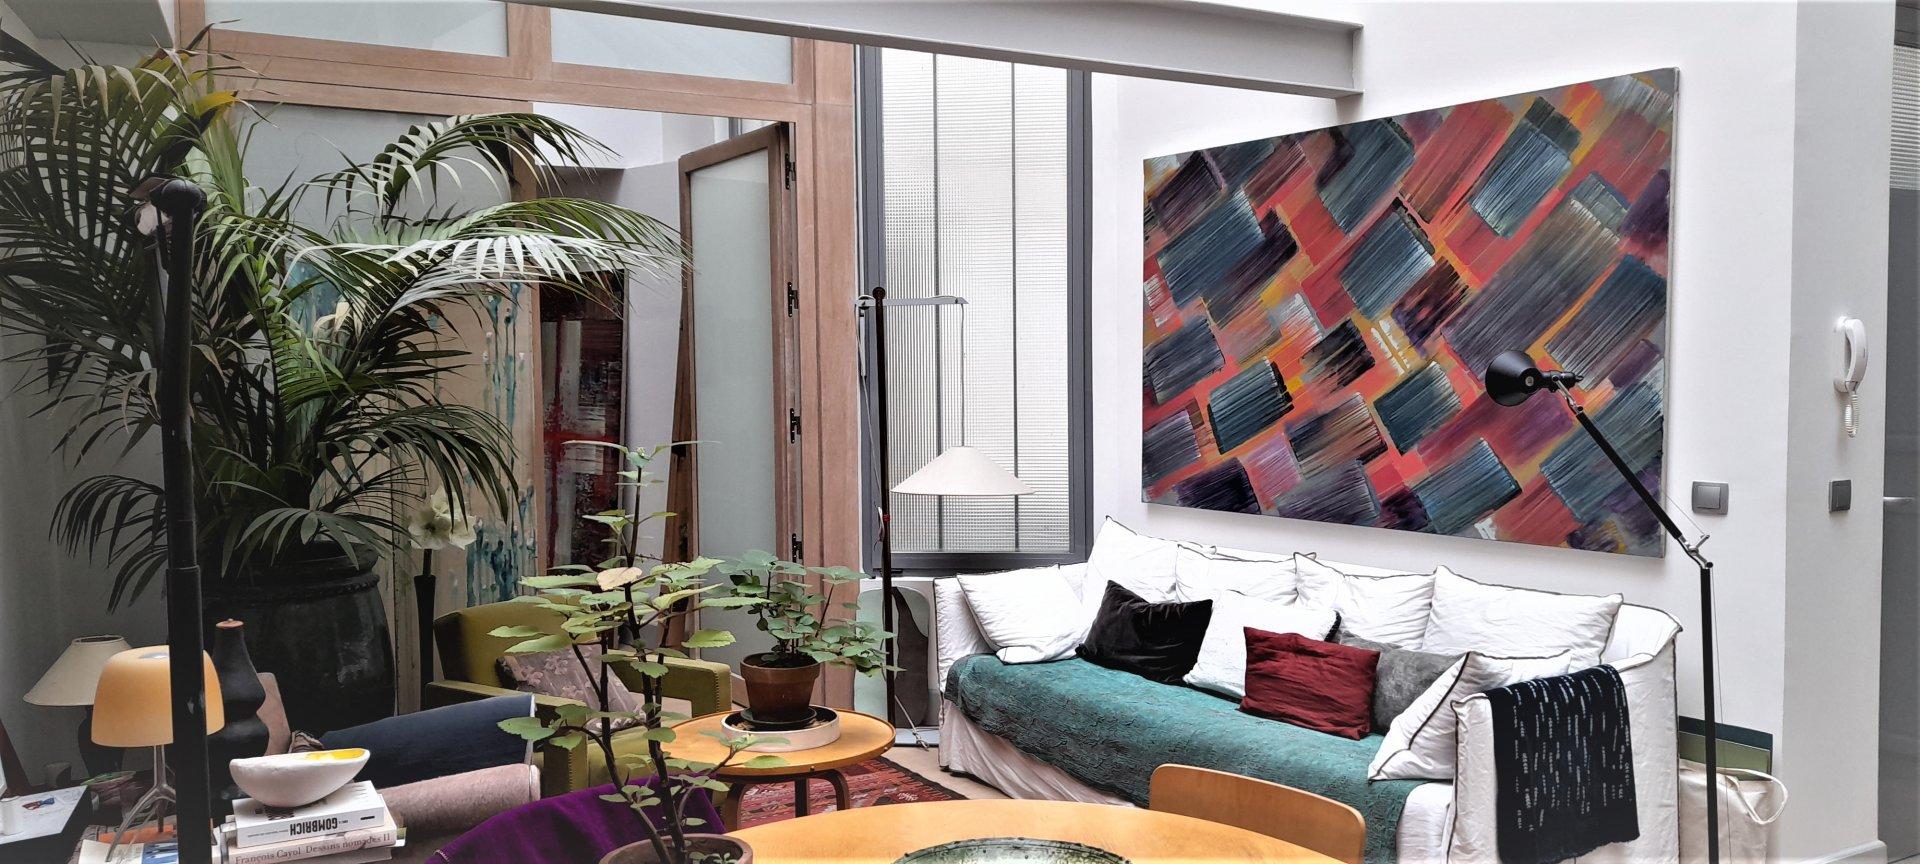 Loft à Saint-Germain-des-Prés.